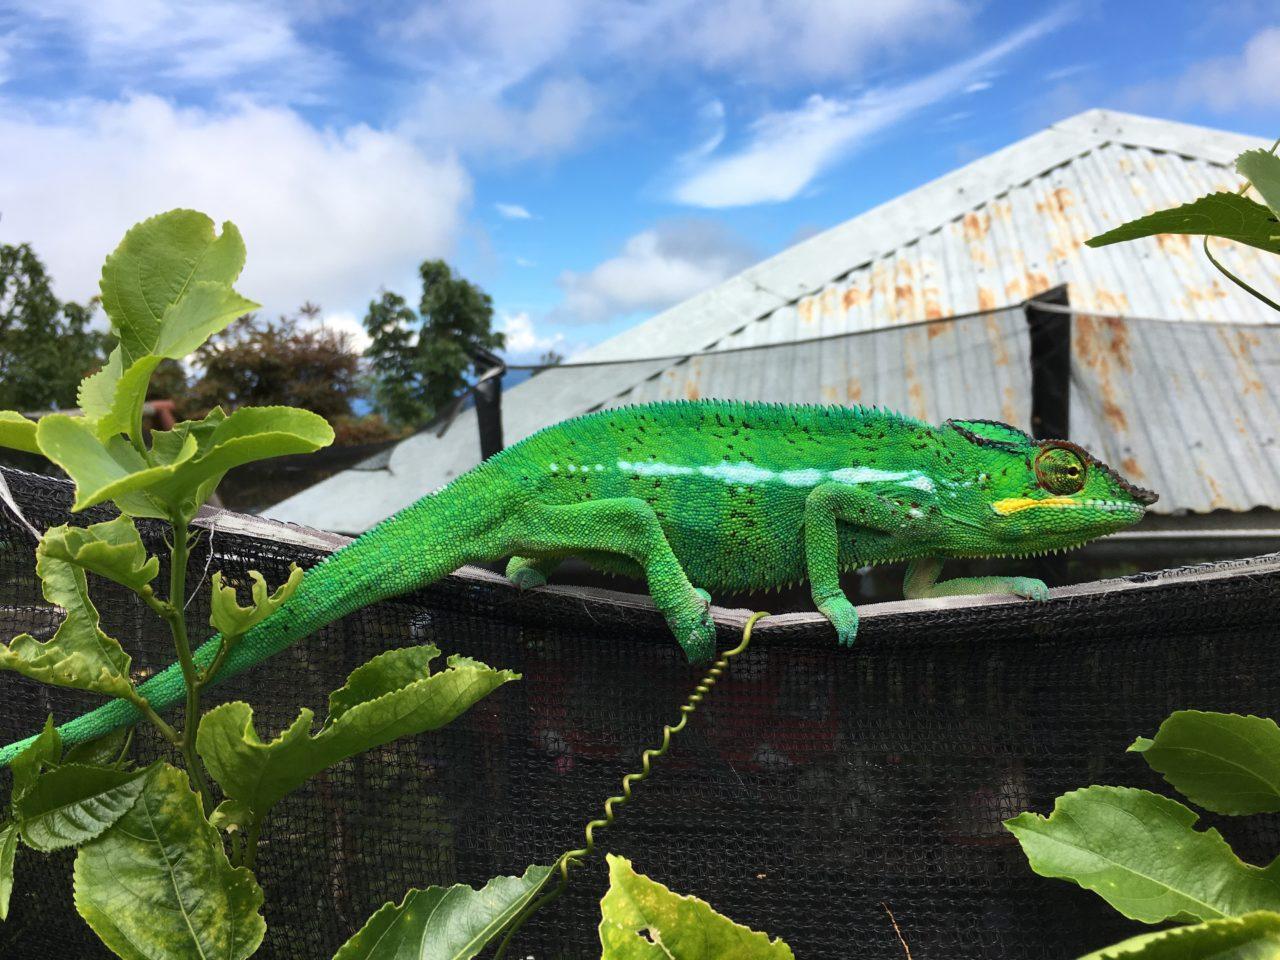 Male chameleon by Kévin de Berterèche   The Explorers